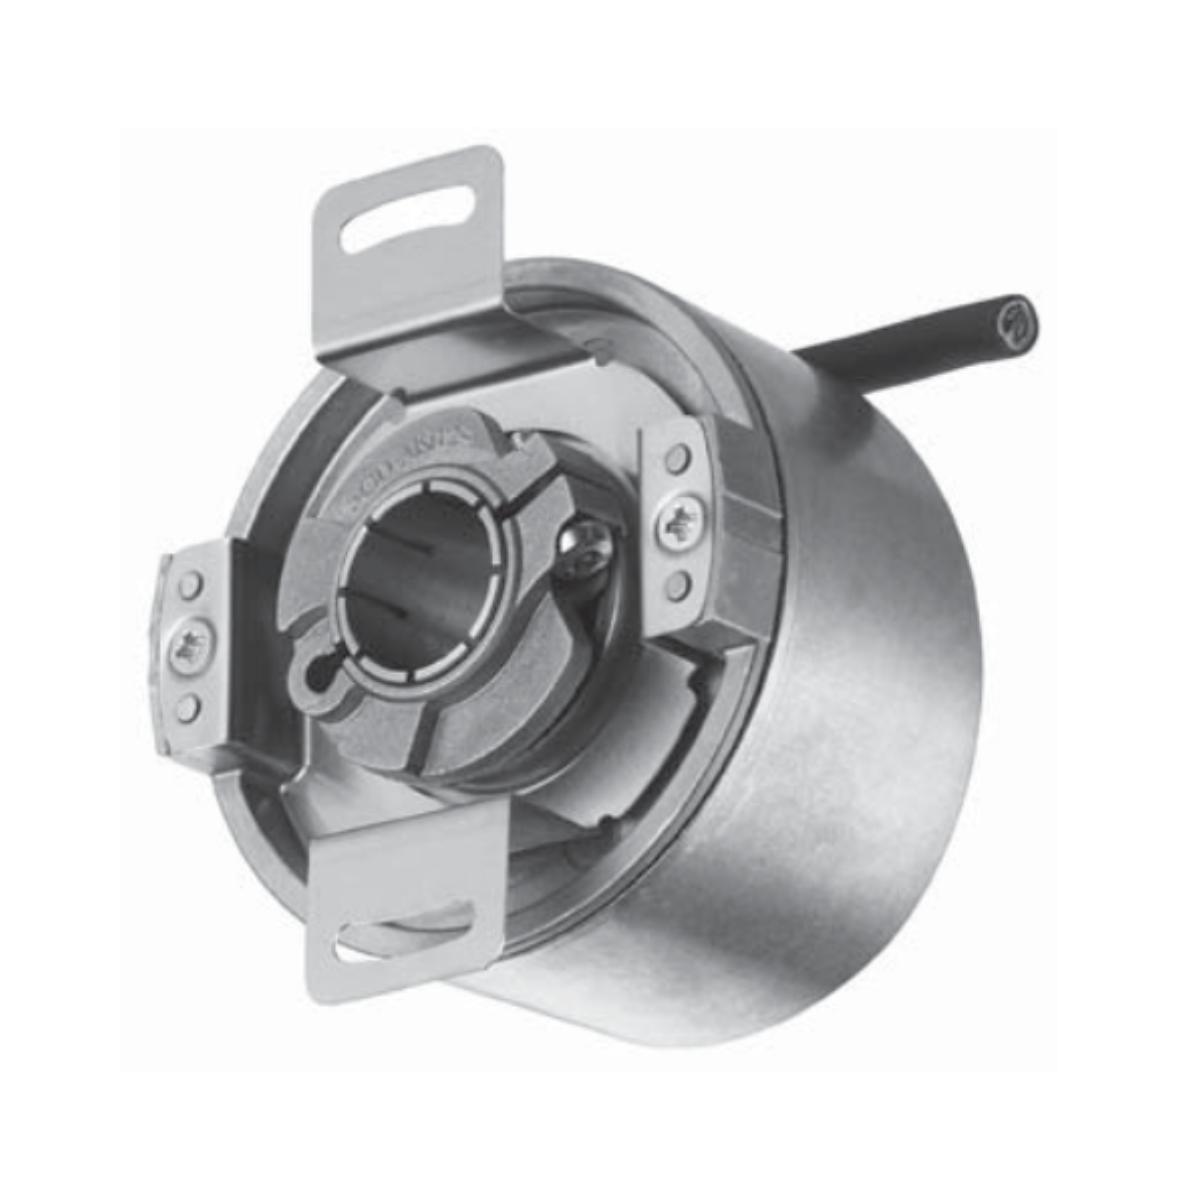 PCA INHE-15HU-37DM_10000 15mm Through Hollow Shaft Encoder